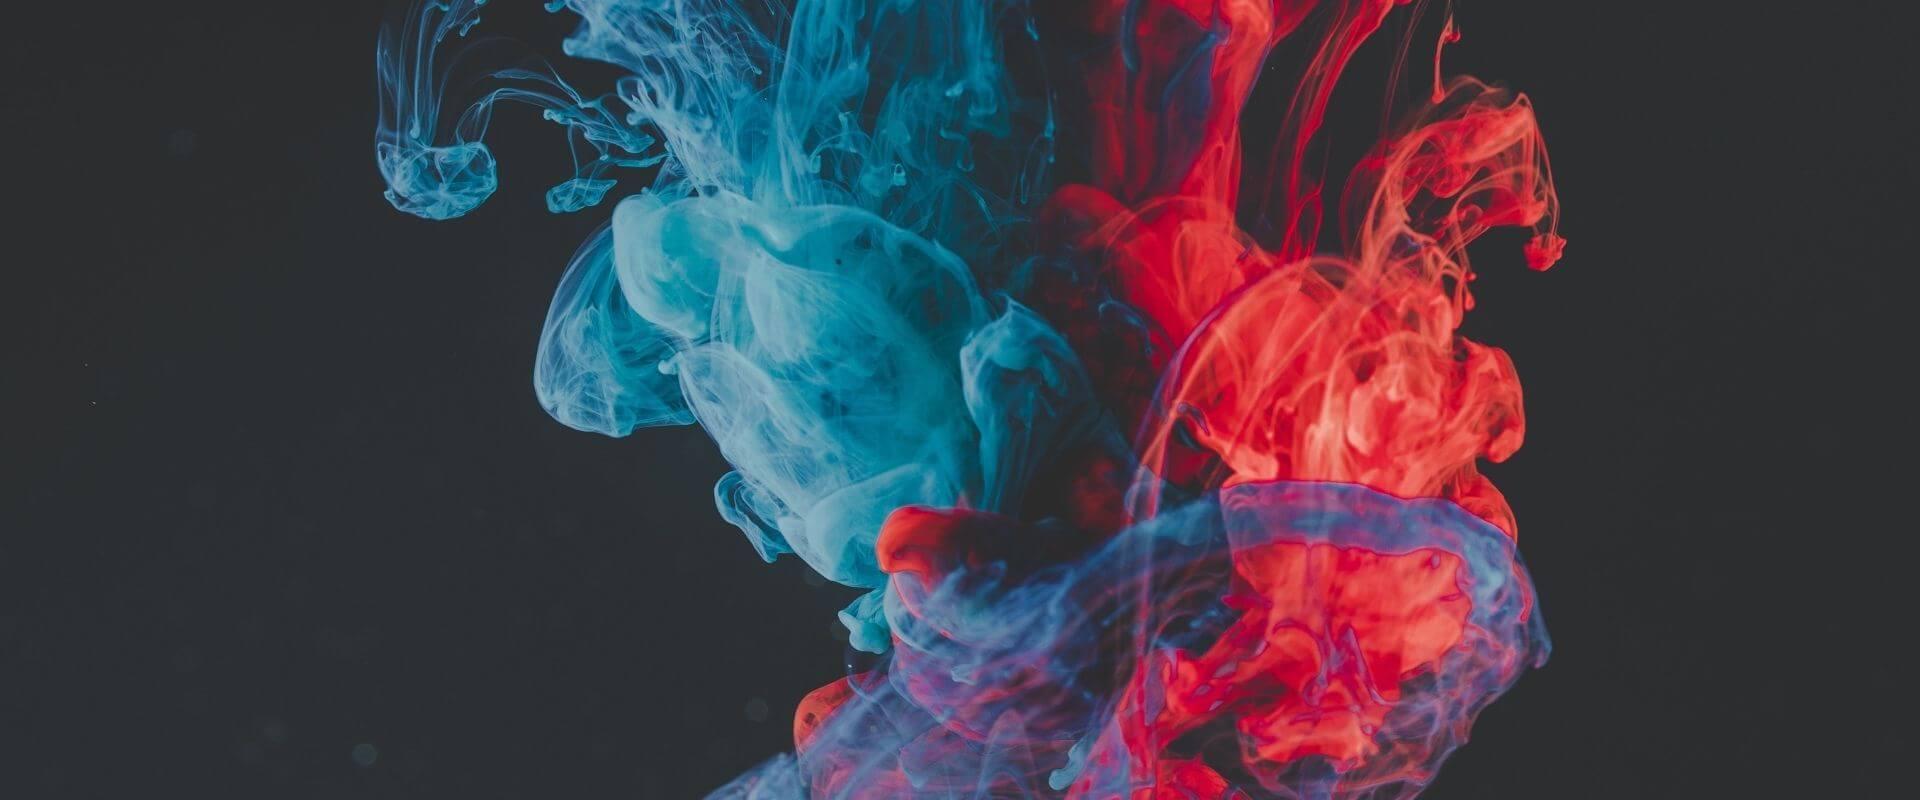 Vaporizadores de Marihuana: Guía Completa [Actualizada 2021]